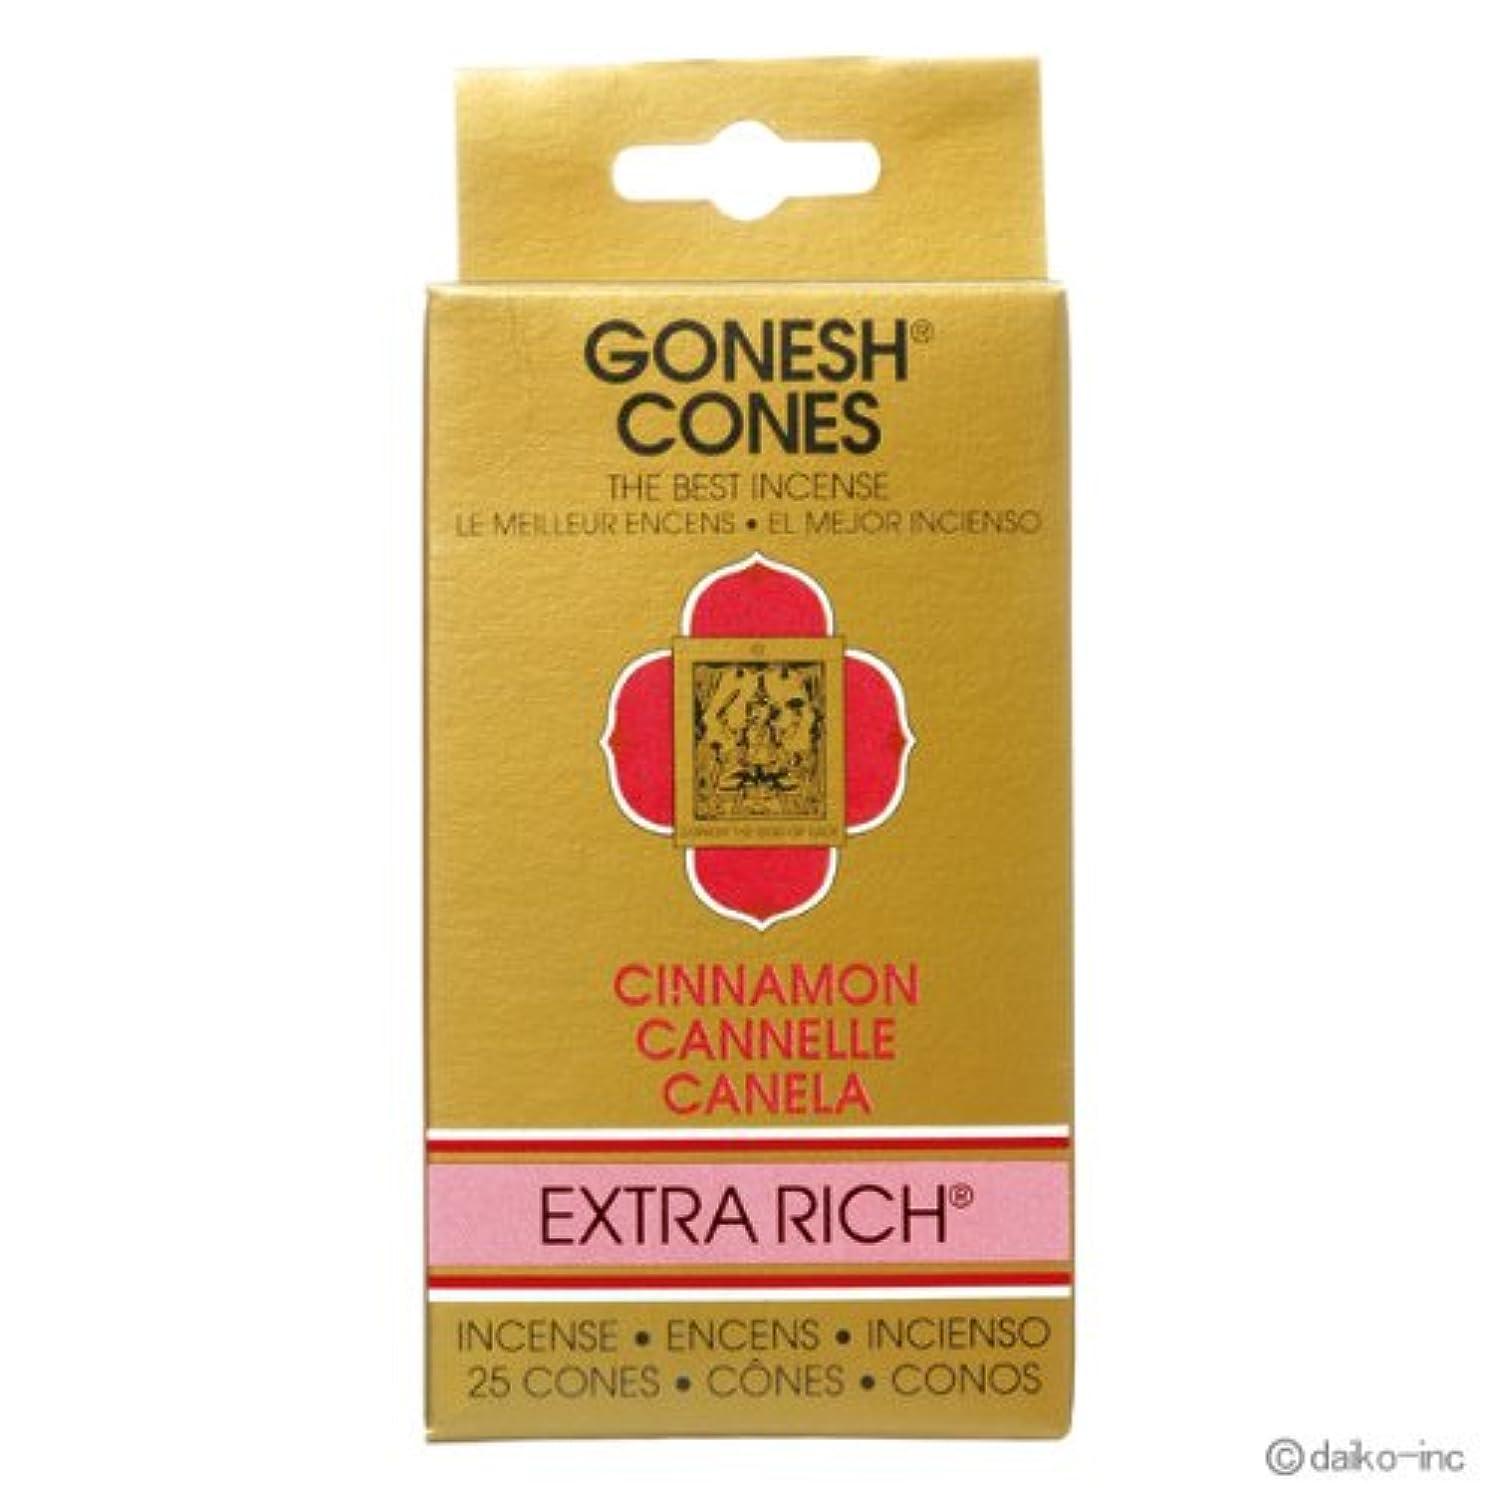 火傷薬知覚するガーネッシュ GONESH エクストラリッチ ココナッツ お香コーン25ヶ入 6個セット